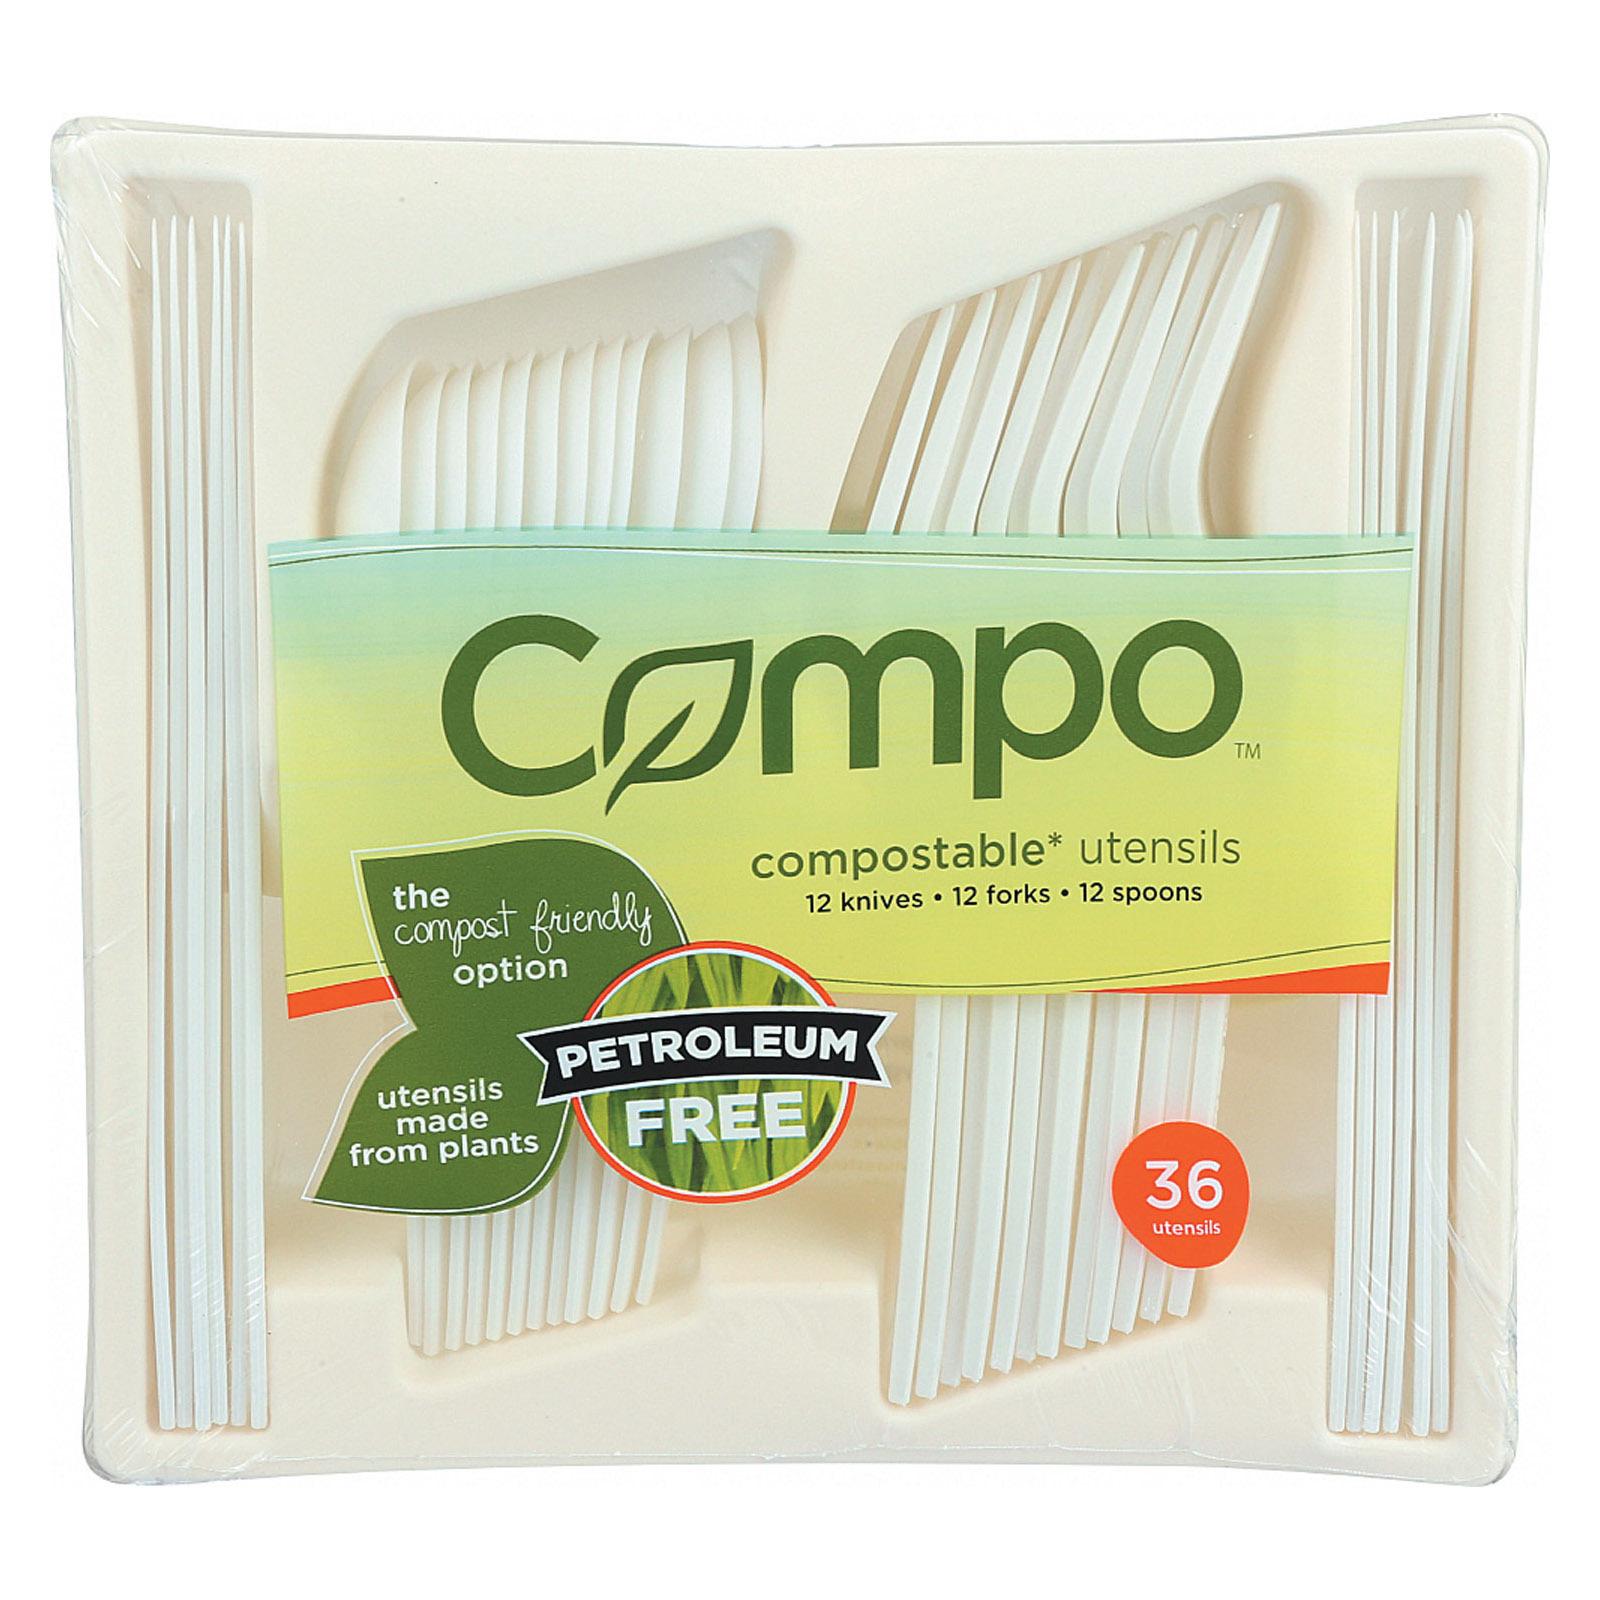 Compo Premium Flatware Utensils - Case of 12 - 36 Count